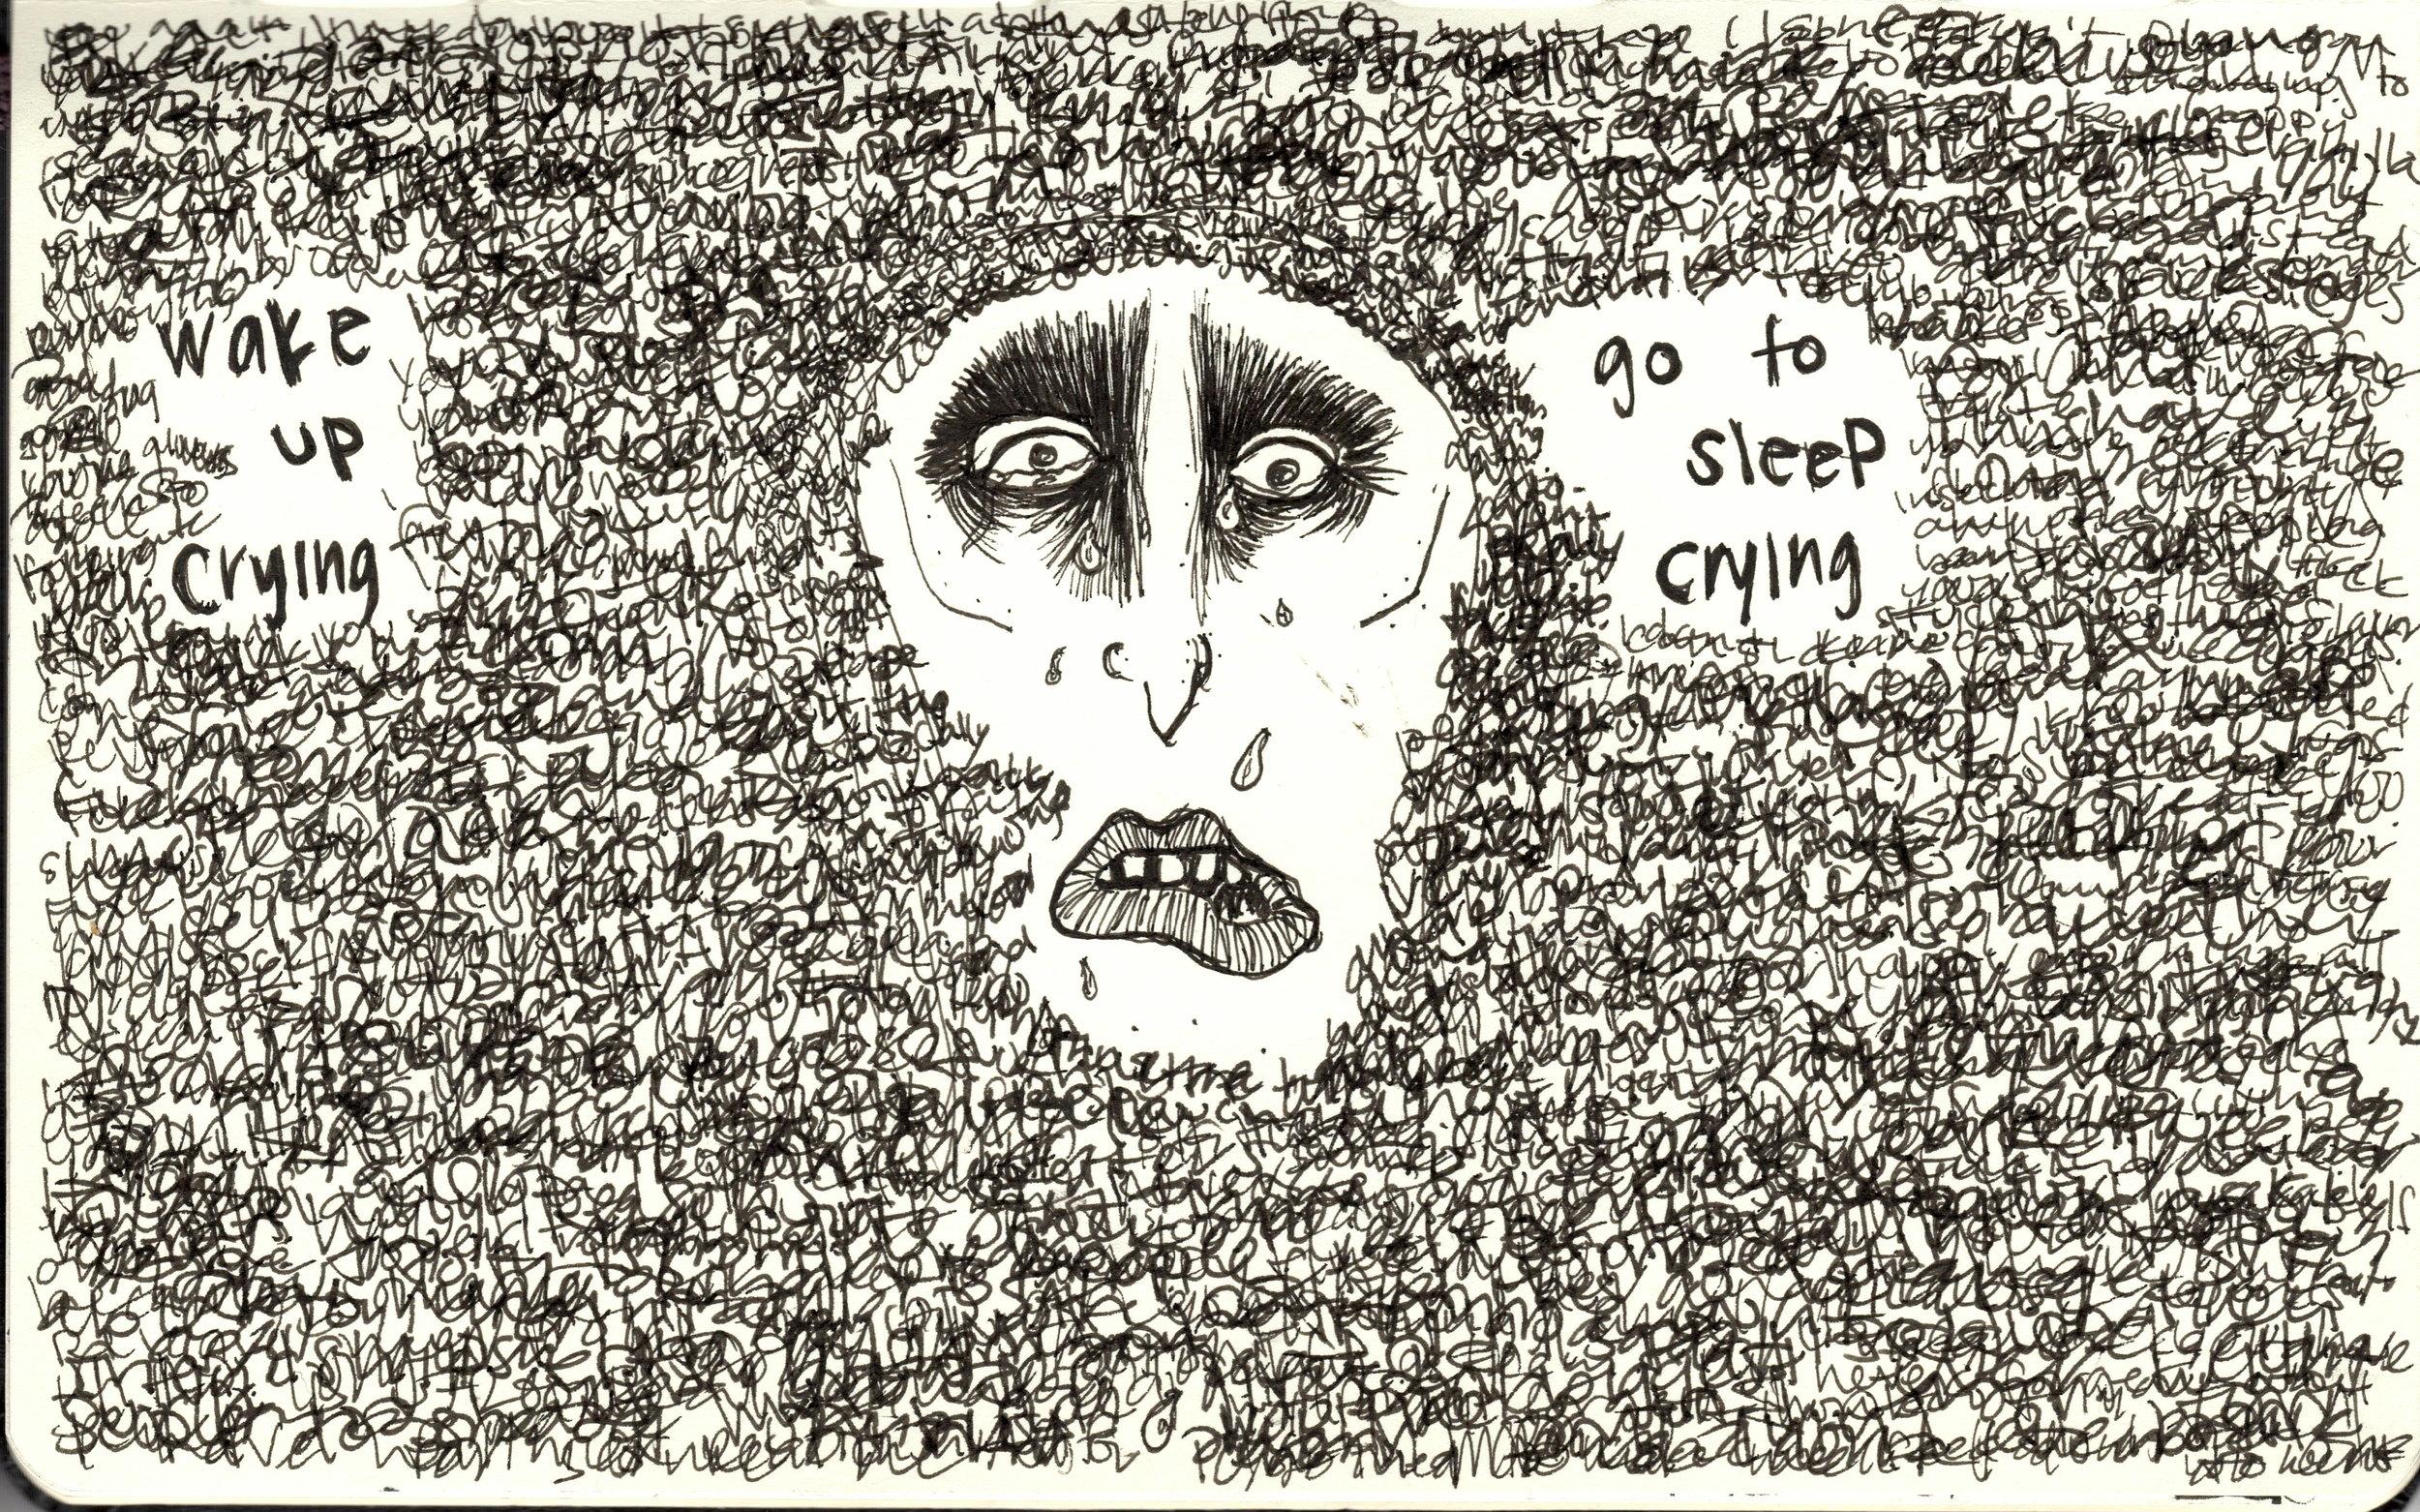 Wake Up Crying Go To Sleep Crying